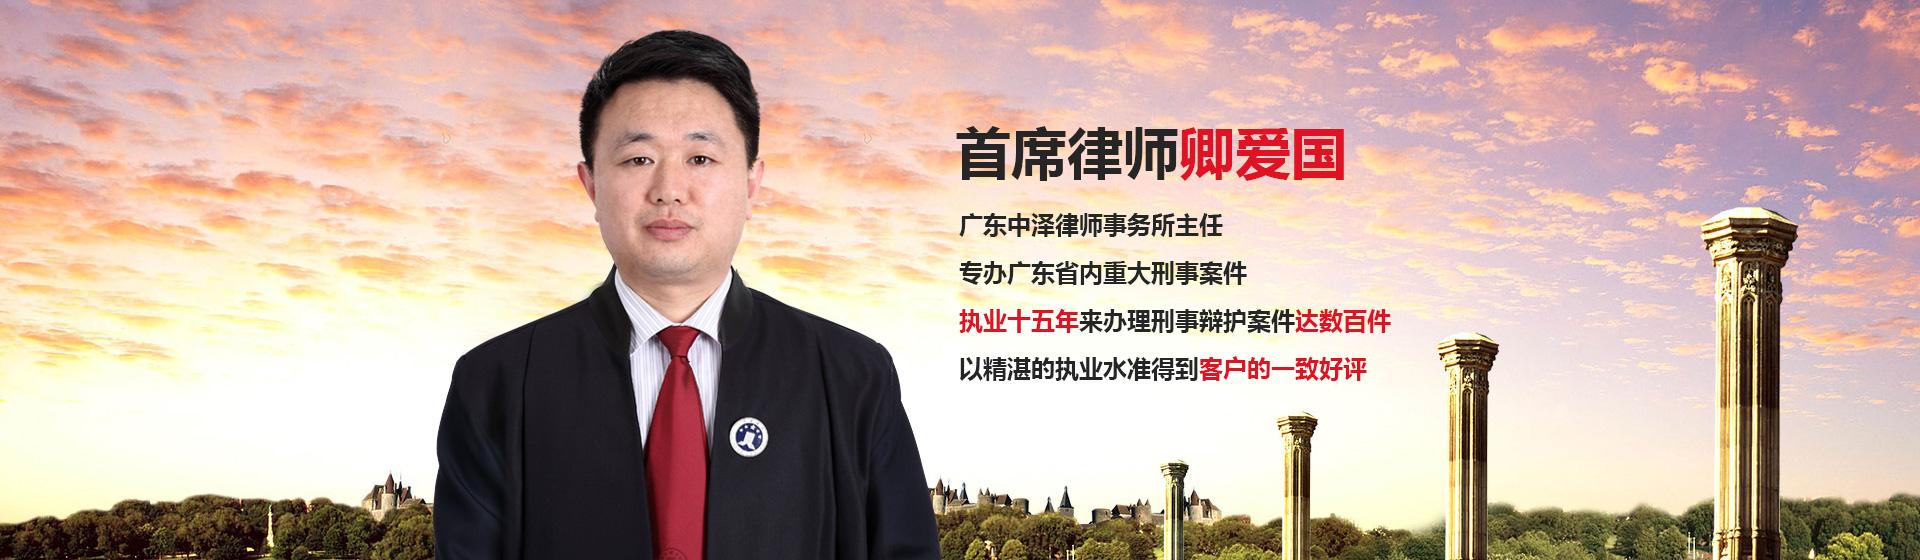 广州毒品律师大图二